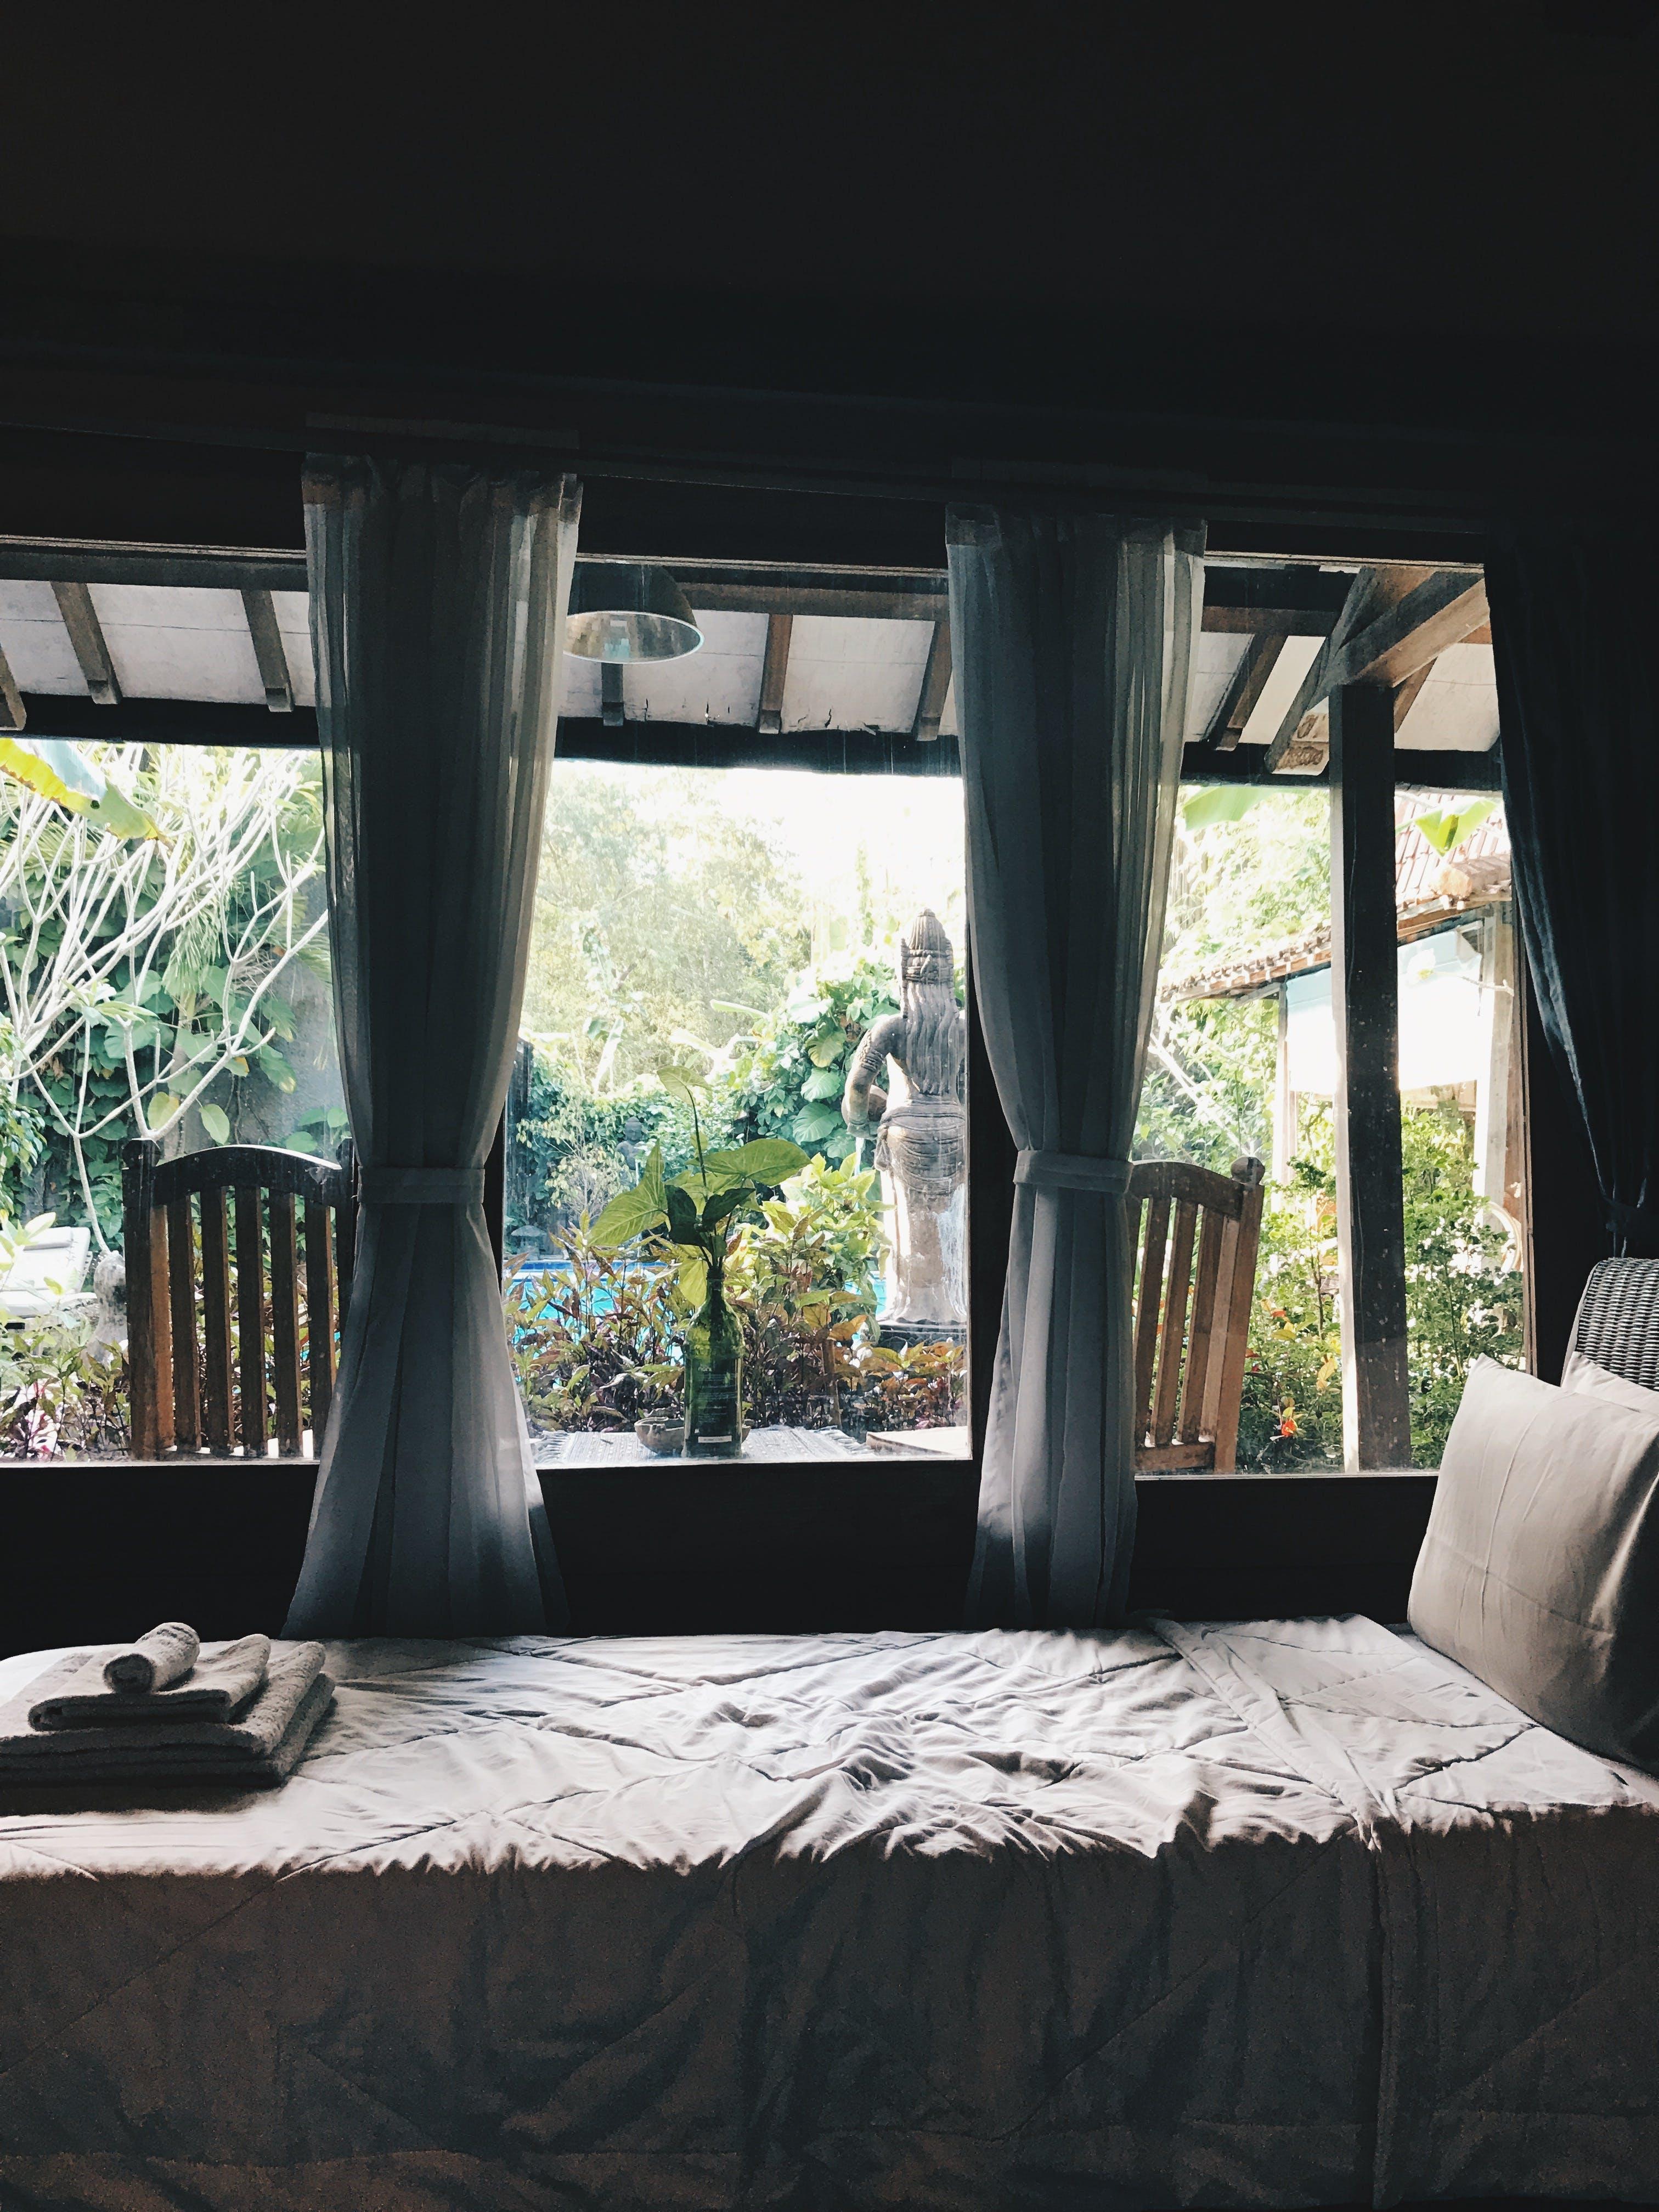 Δωρεάν στοκ φωτογραφιών με αρχιτεκτονική, βίλα, δωμάτιο, δωμάτιο ξενοδοχείου